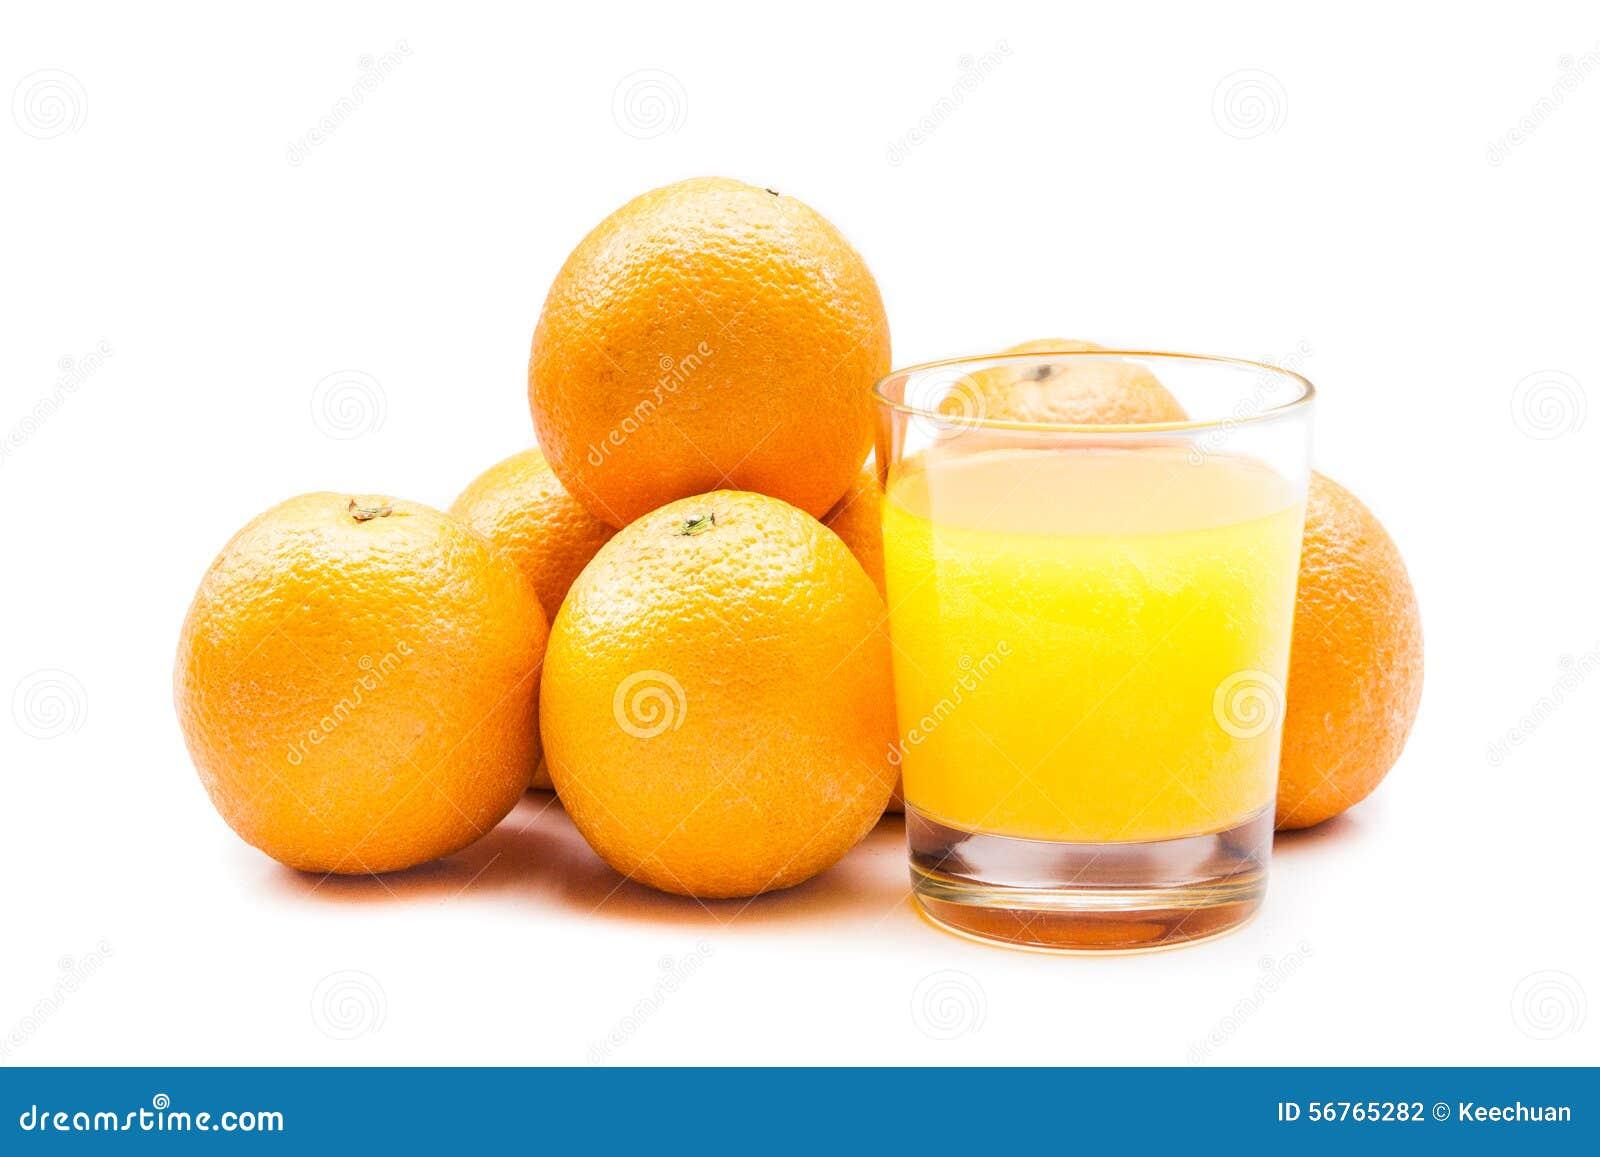 从冒泡片剂的泡沫腾涌的橙汁用在背景的桔子